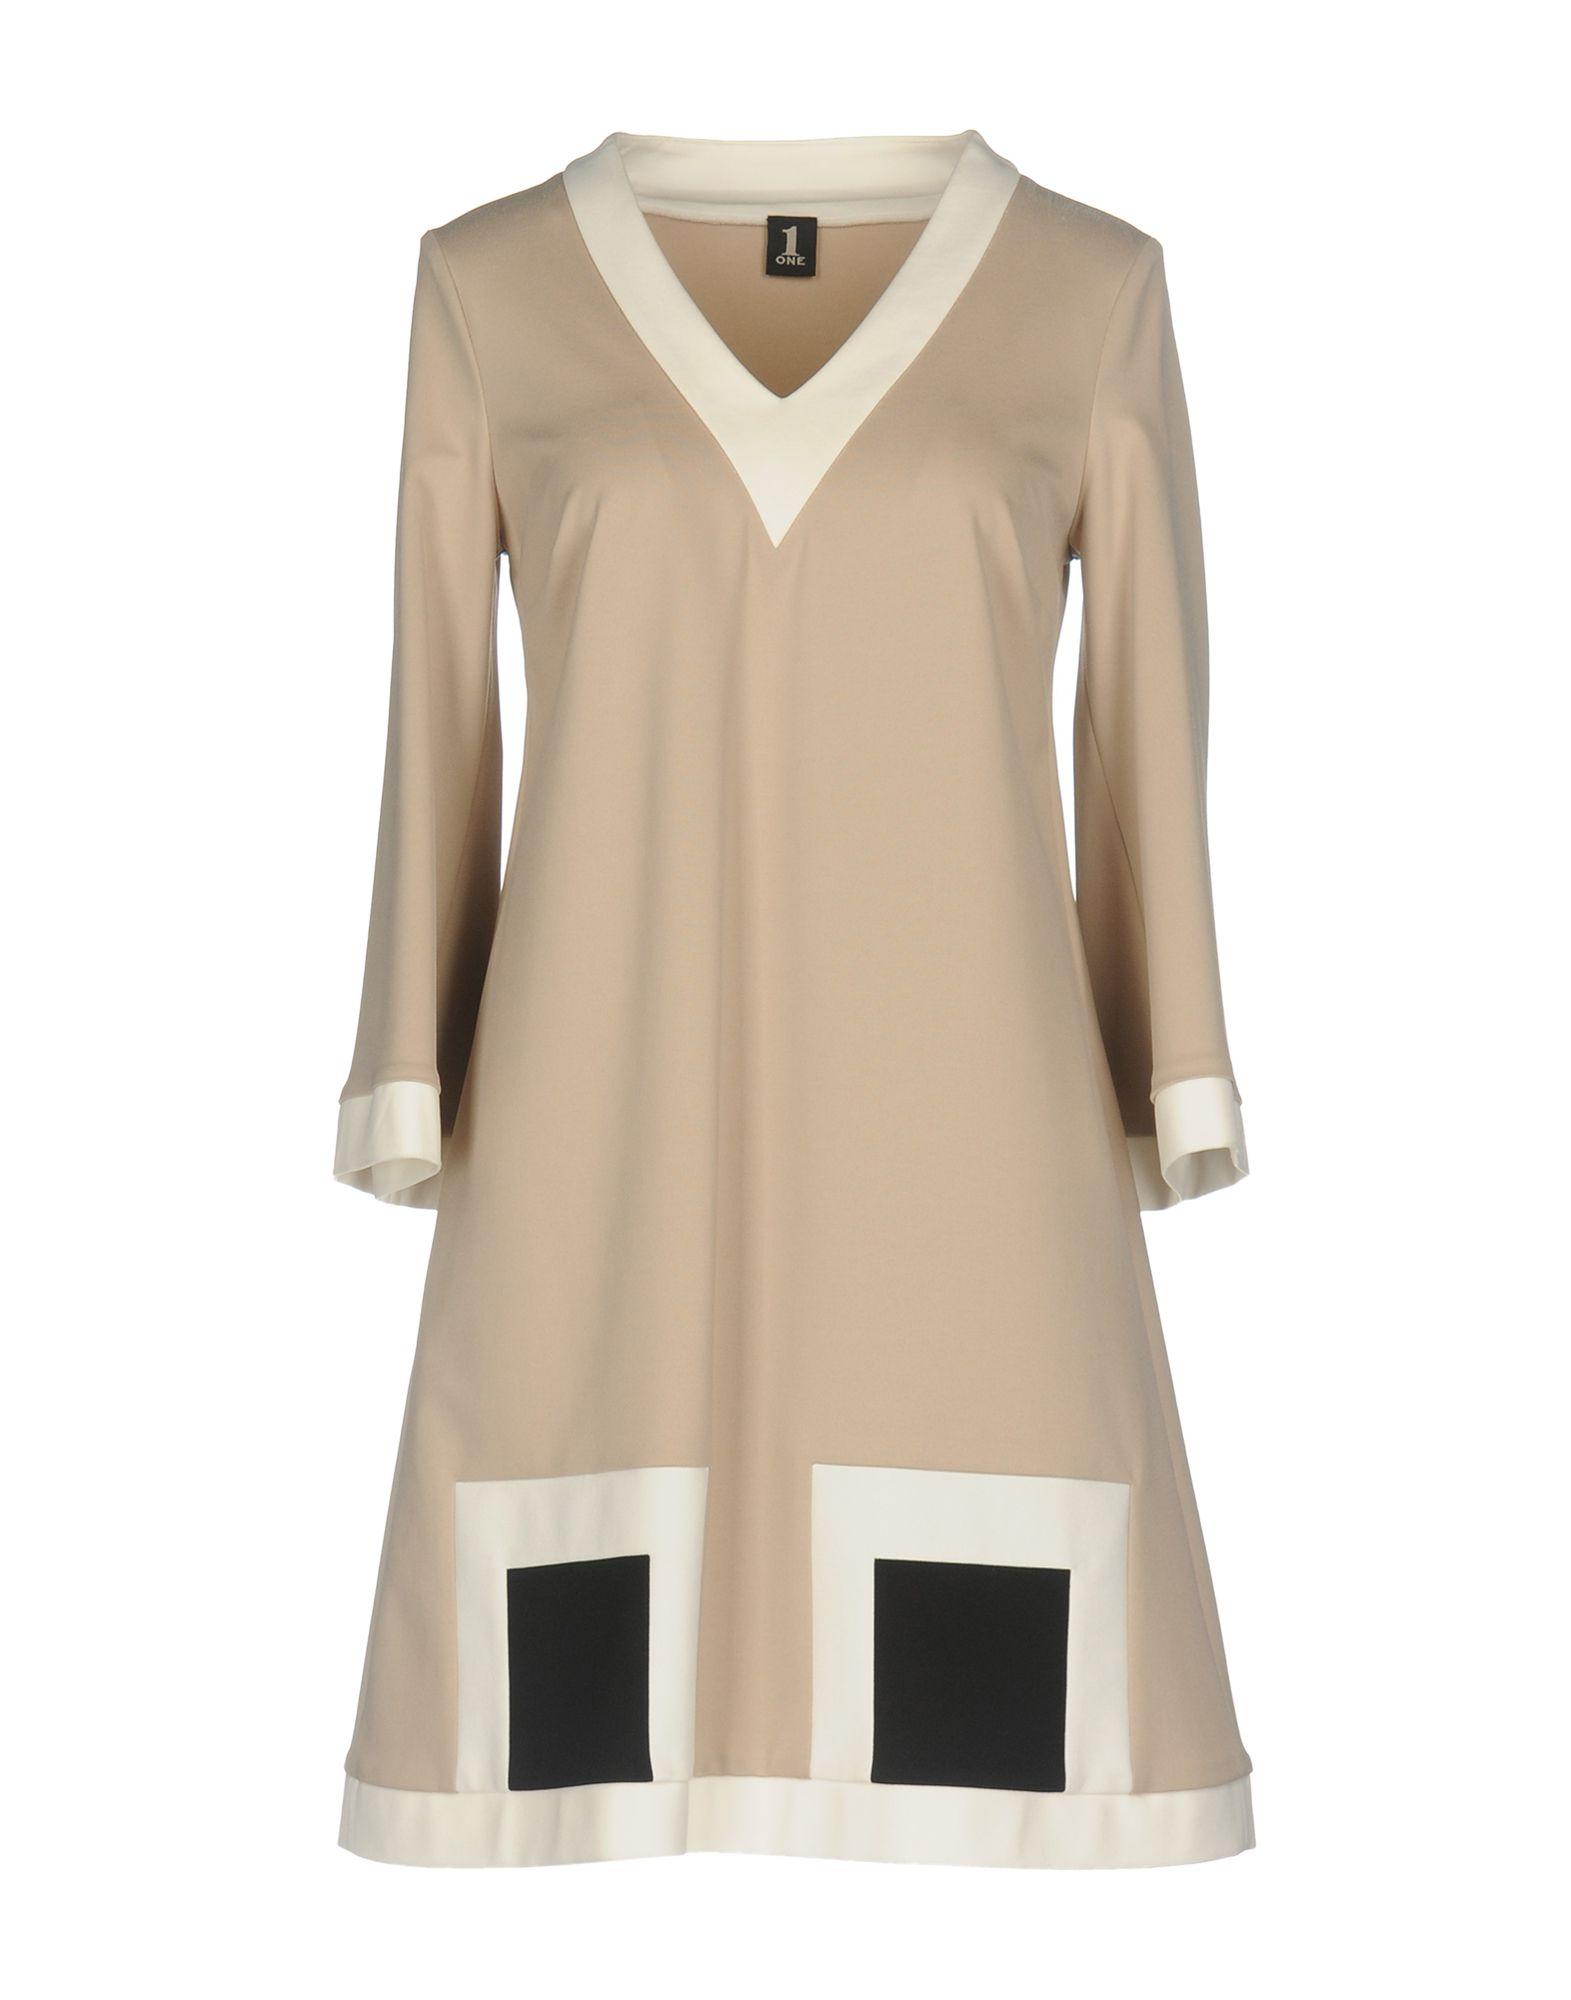 1-ONE Damen Kurzes Kleid Farbe Beige Größe 4 jetztbilligerkaufen